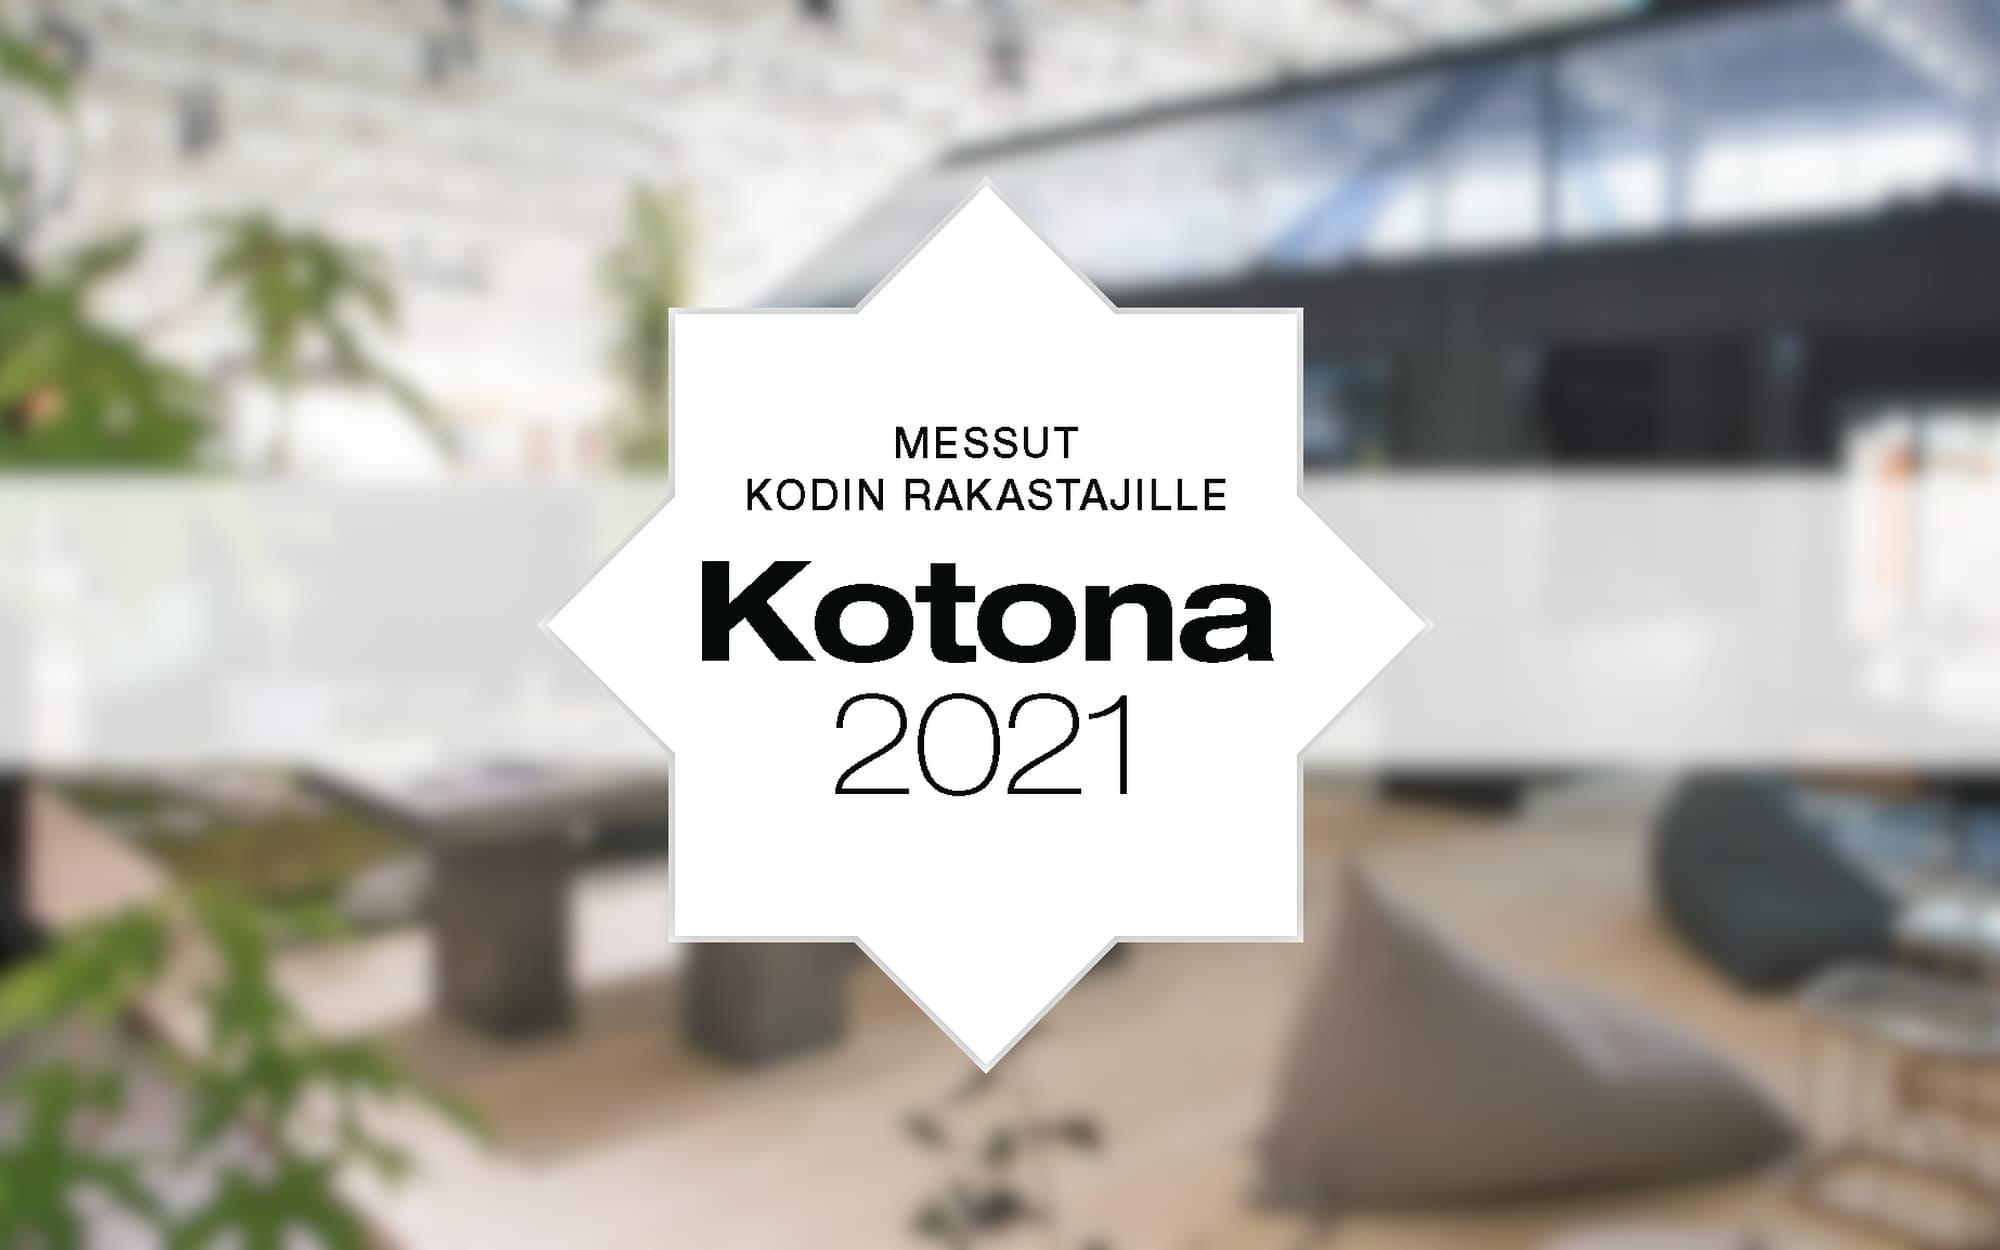 kotona-messut-2021